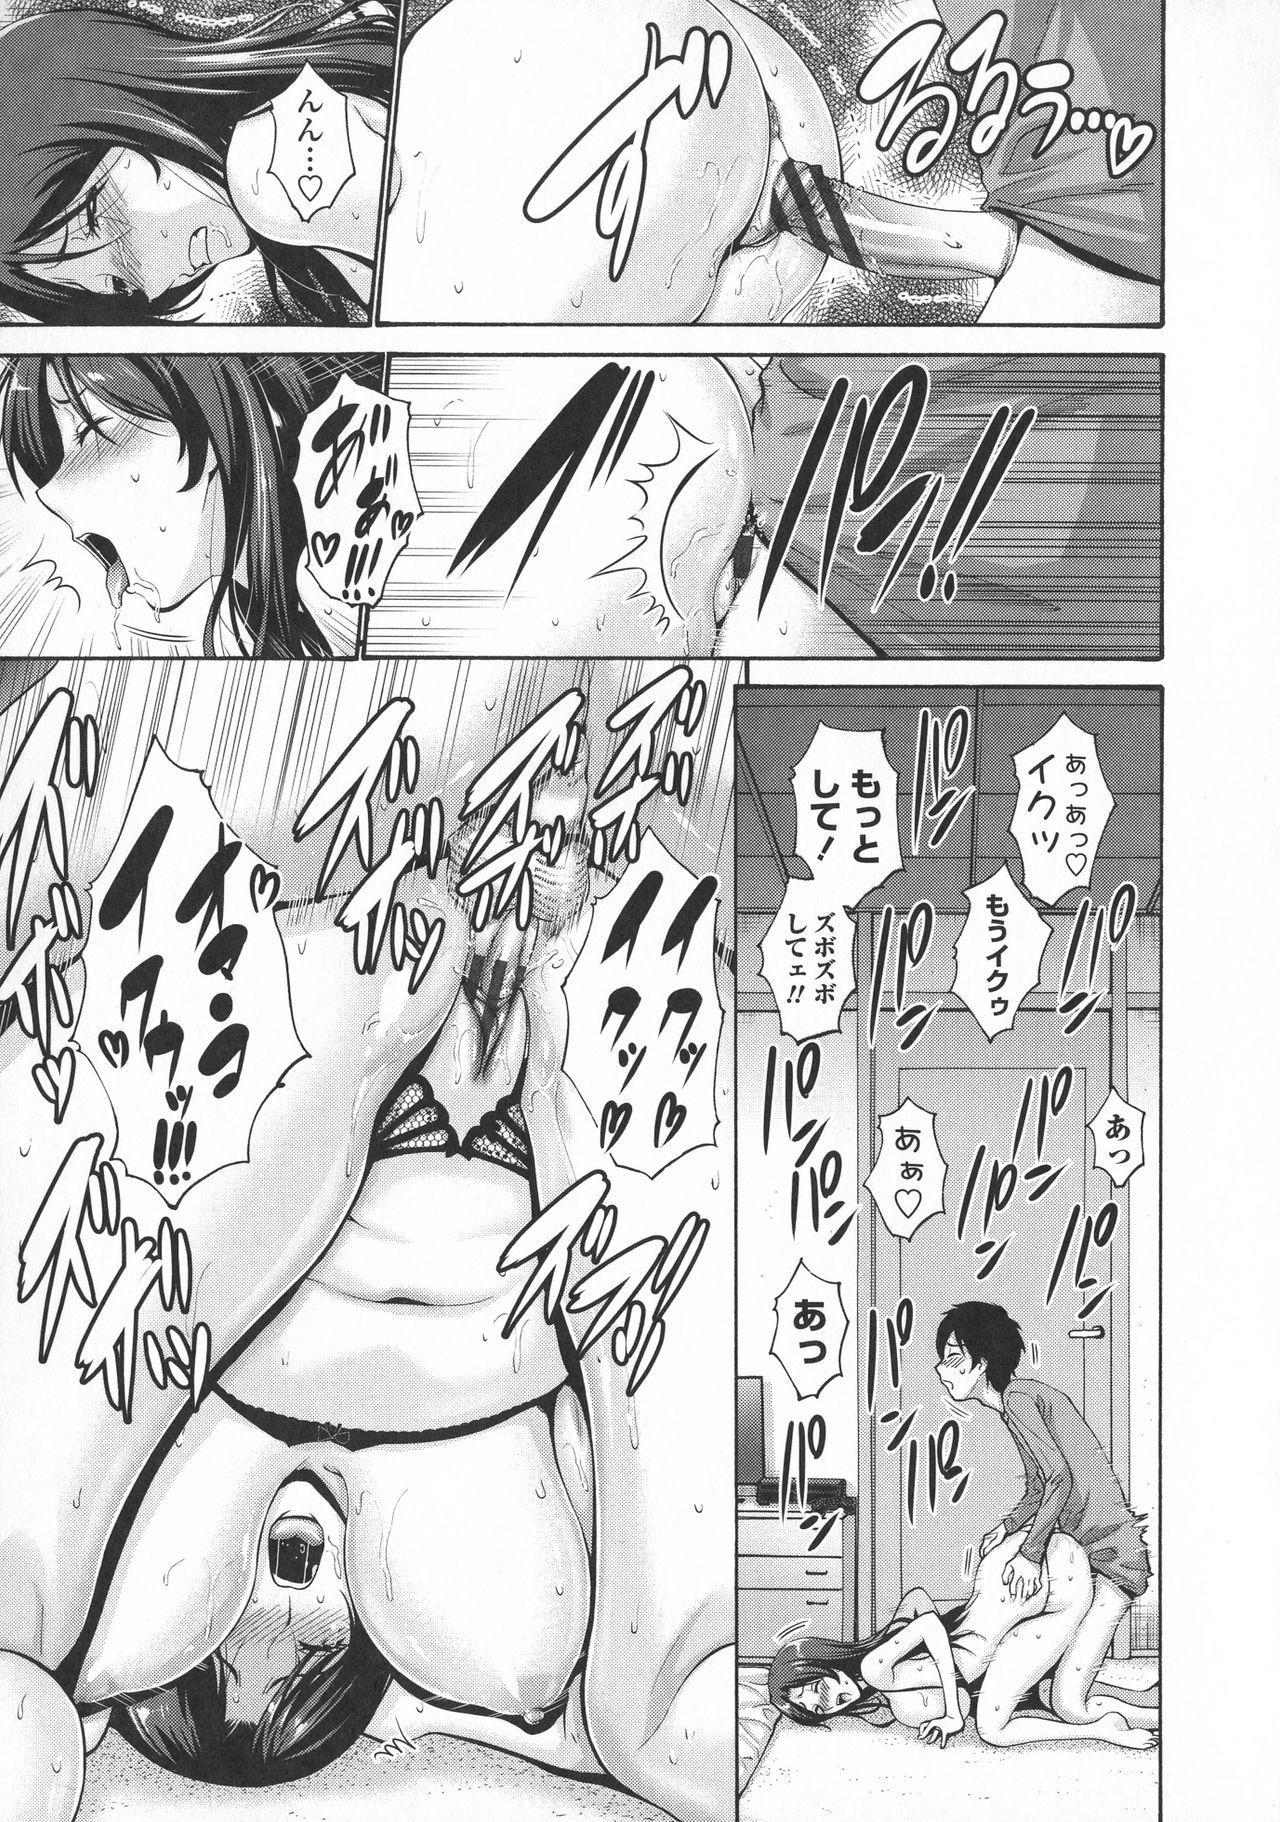 Tomodachi no Haha wa Boku no Mono - His Mother is My Love Hole 82